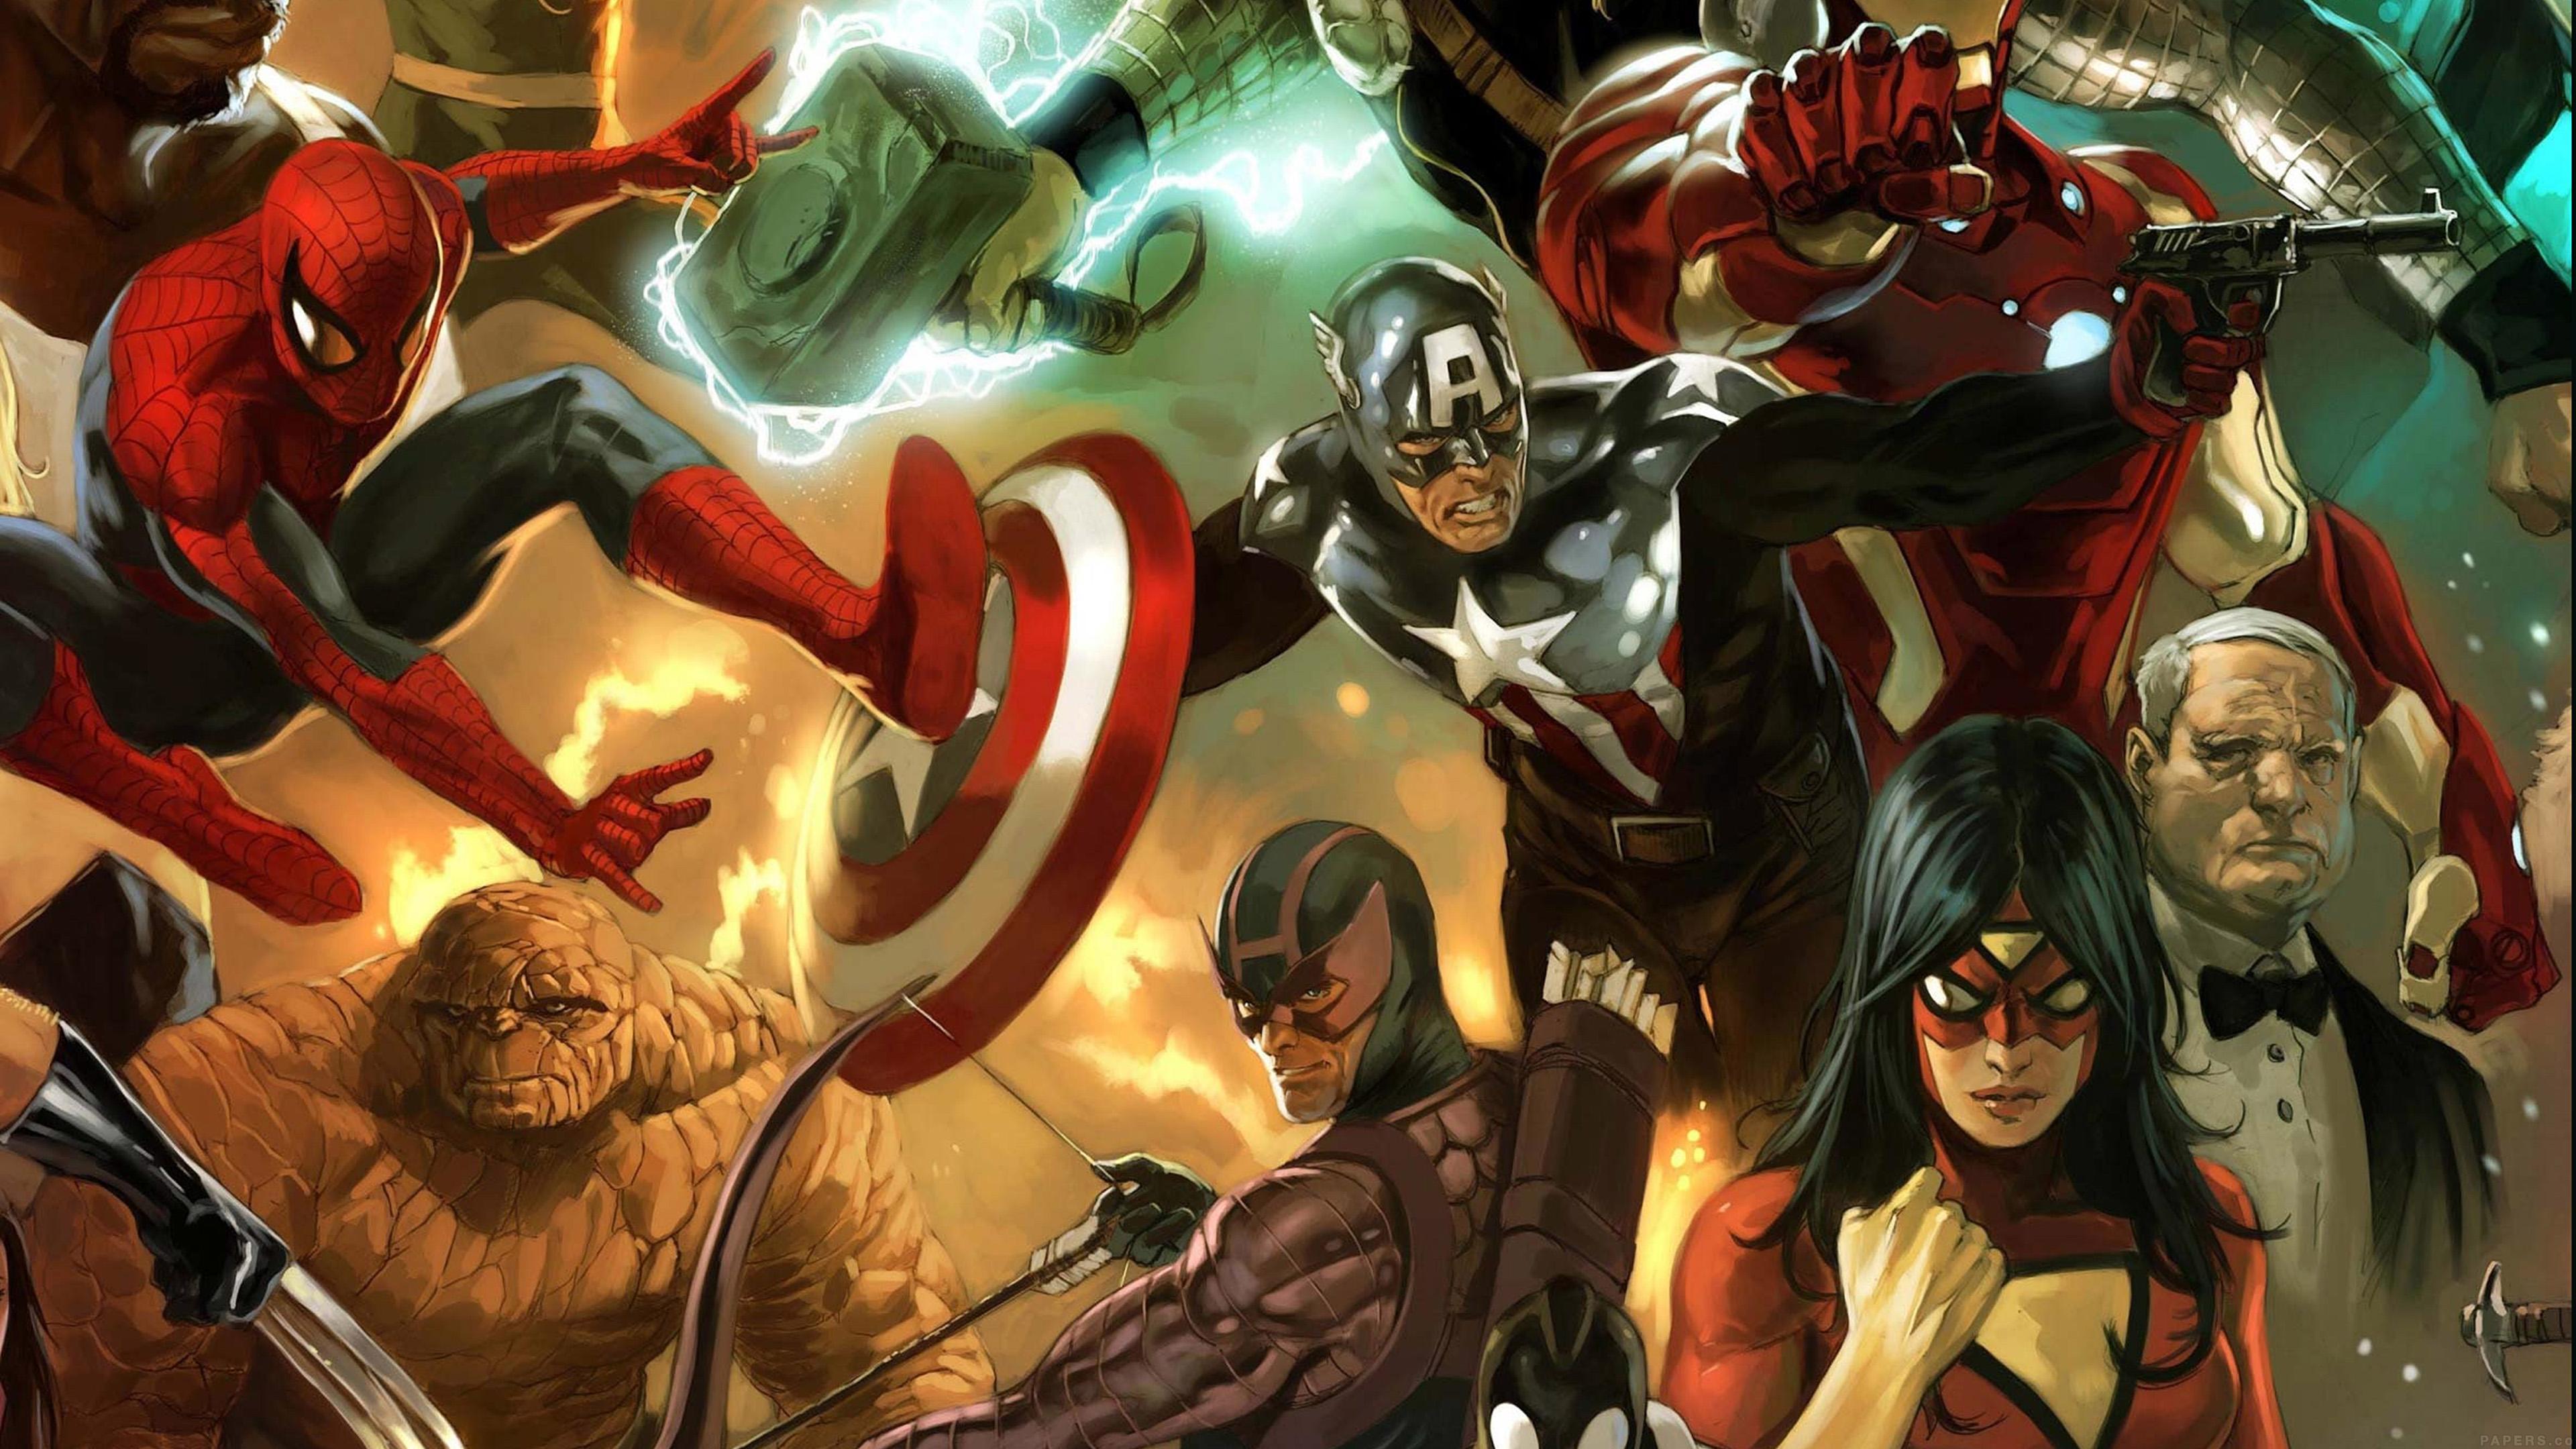 Wallpaper For Desktop Laptop Al79 Avengers Liiust Comics Marvel Art Hero